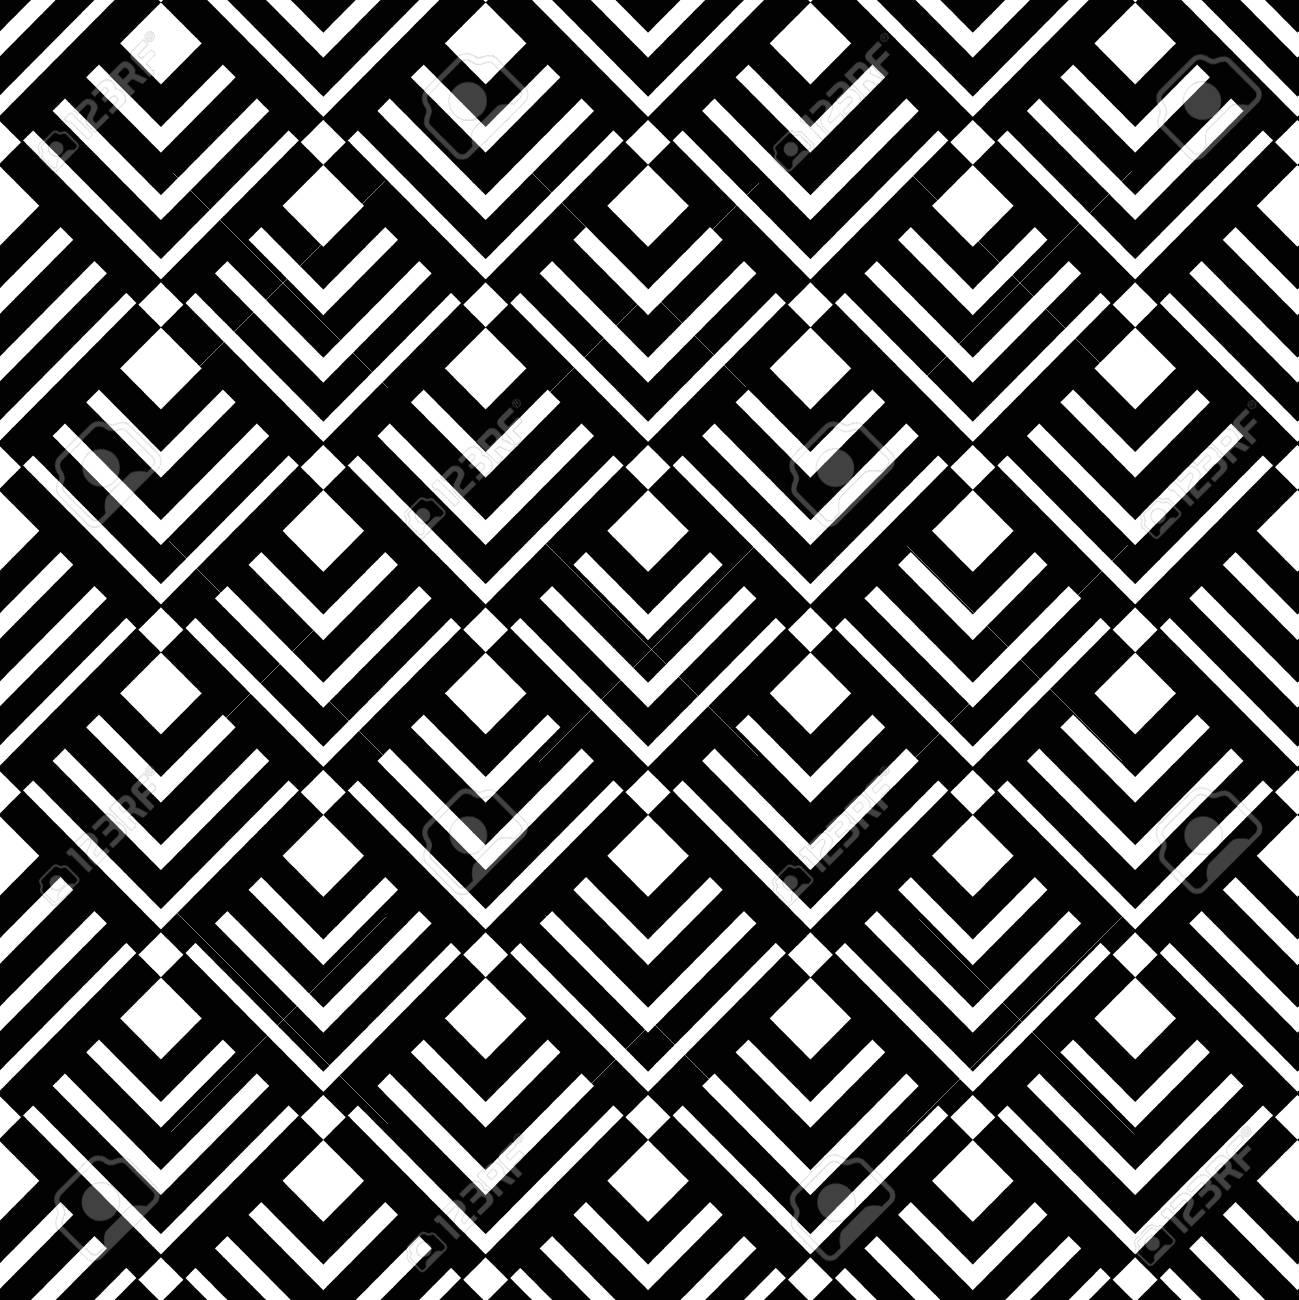 Motif Géométrique. Noir Et Blanc Triangle Et Motif à Rayures. Motif  Décoratif Pour Le Papier Peint, Les Meubles, La Décoration, Le Tissu De La  Mode.